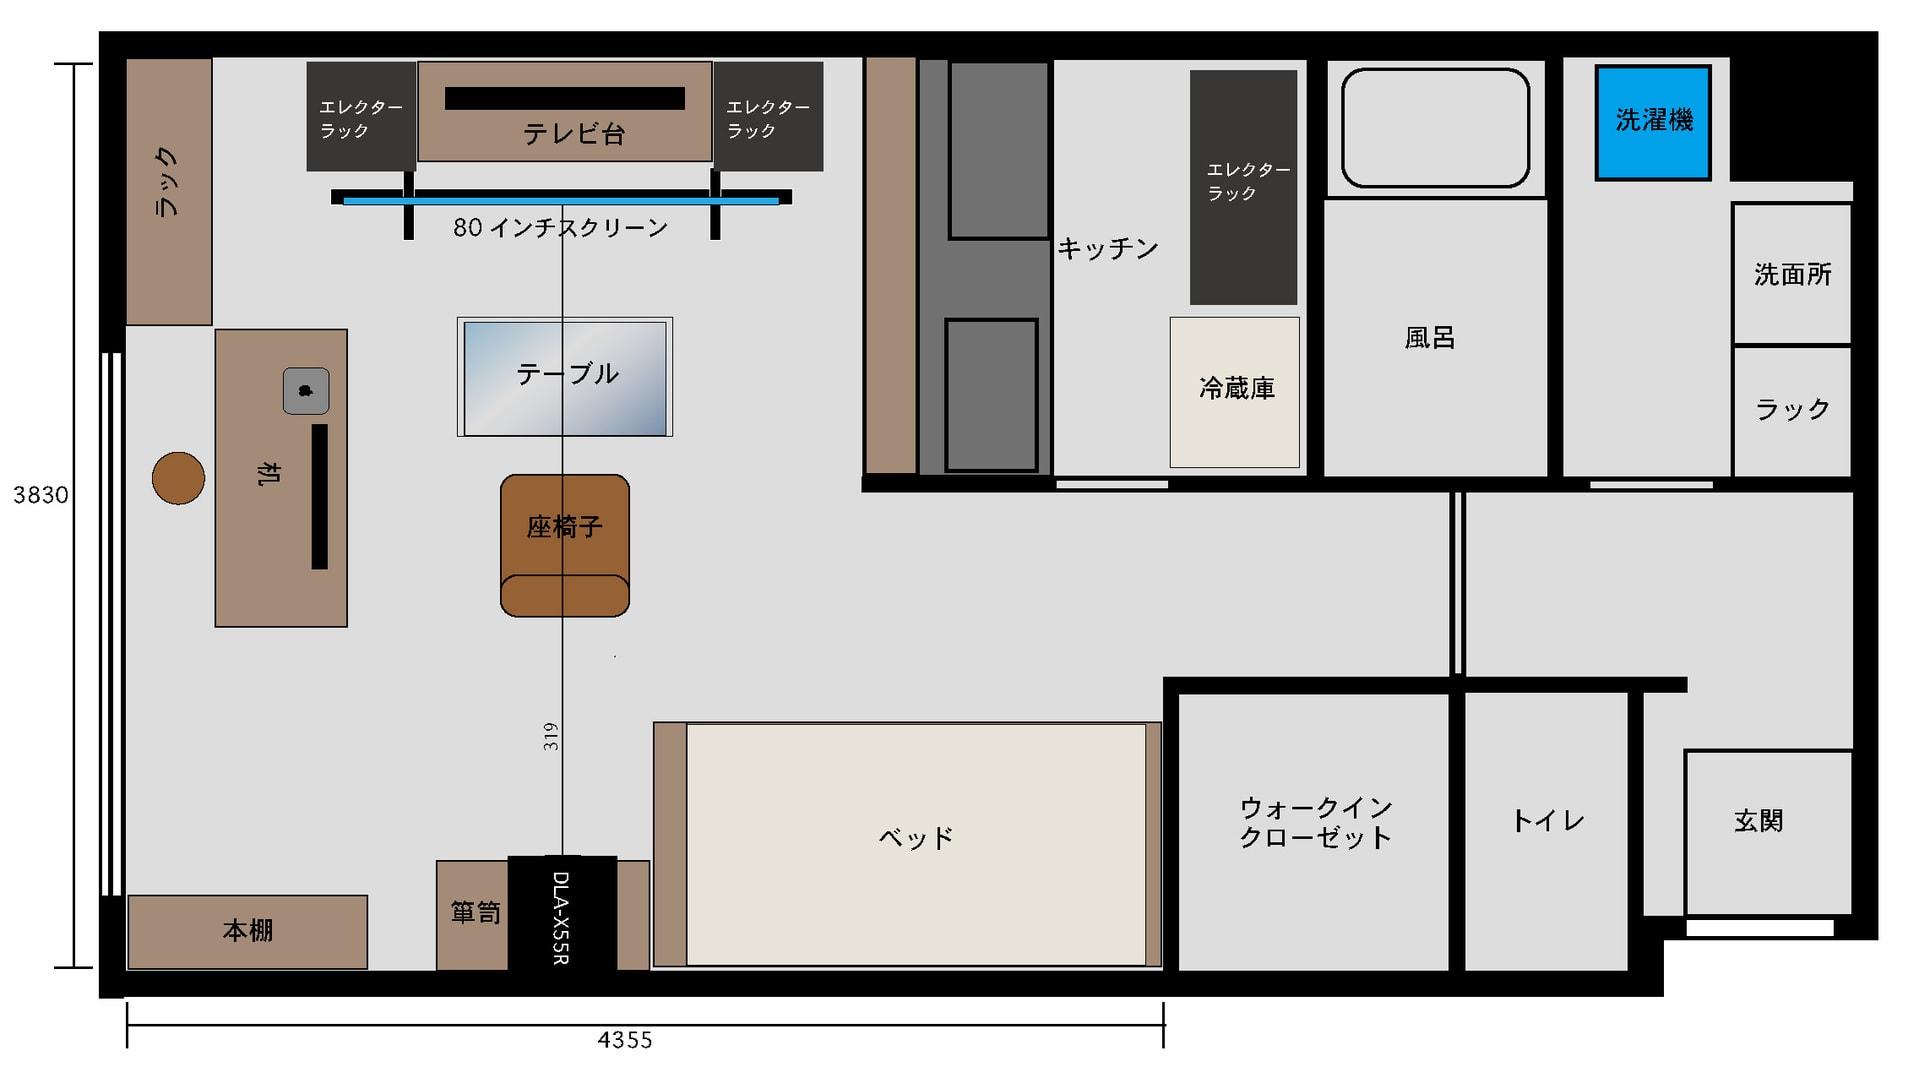 ベストパーフェクト家具配置| 8730